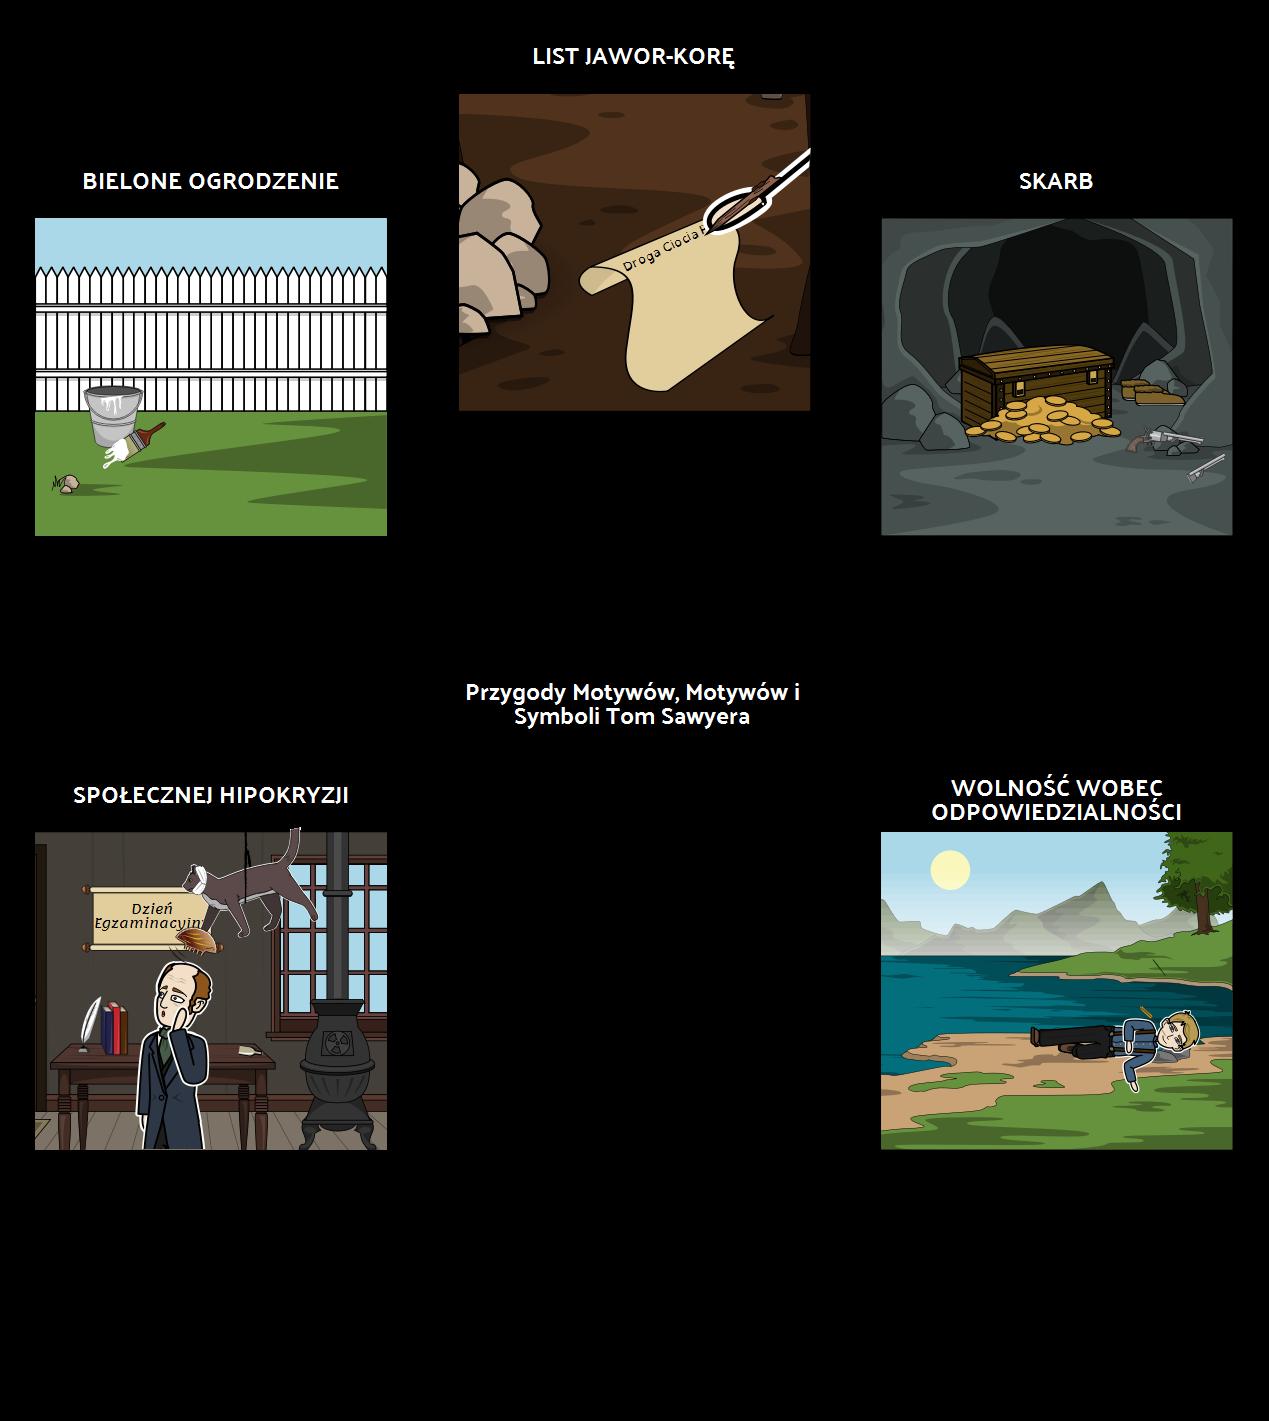 Przygody Motywów, Motywów i Symboli Tom Sawyera